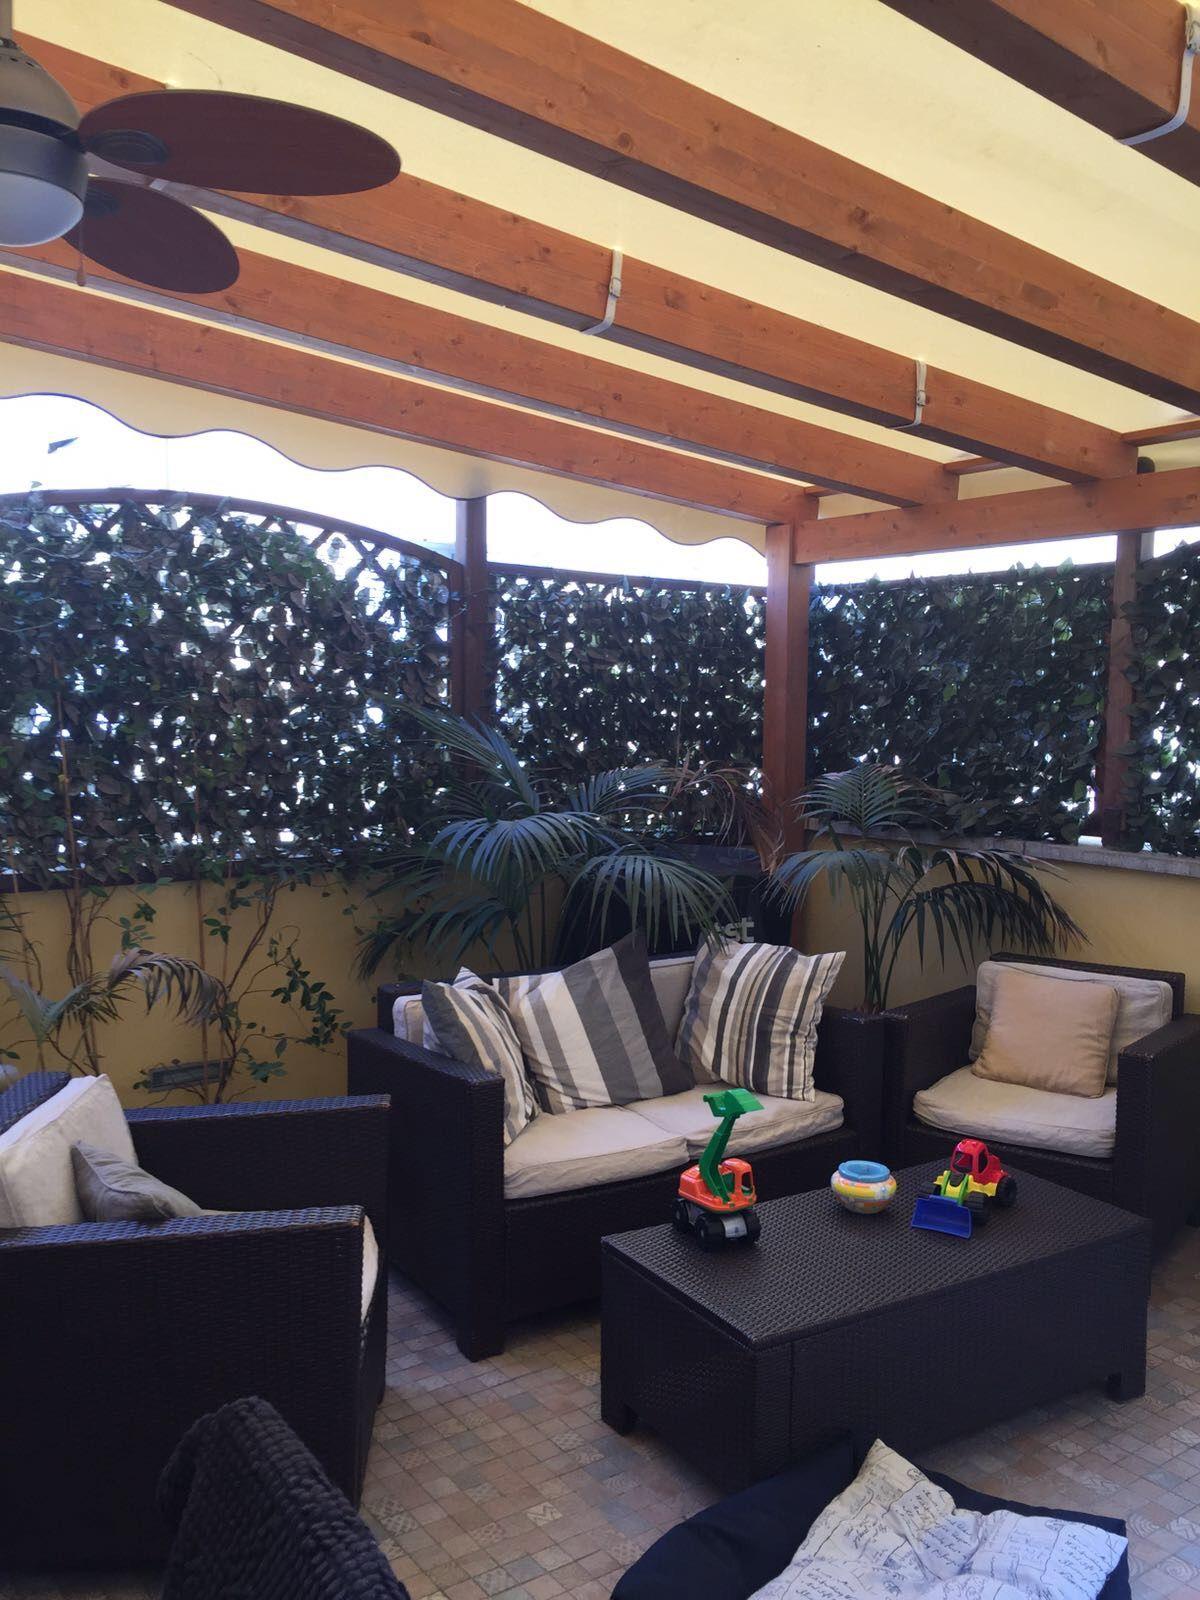 Appartamento con terrazzo in vendita a Modena, viale Reiter ...